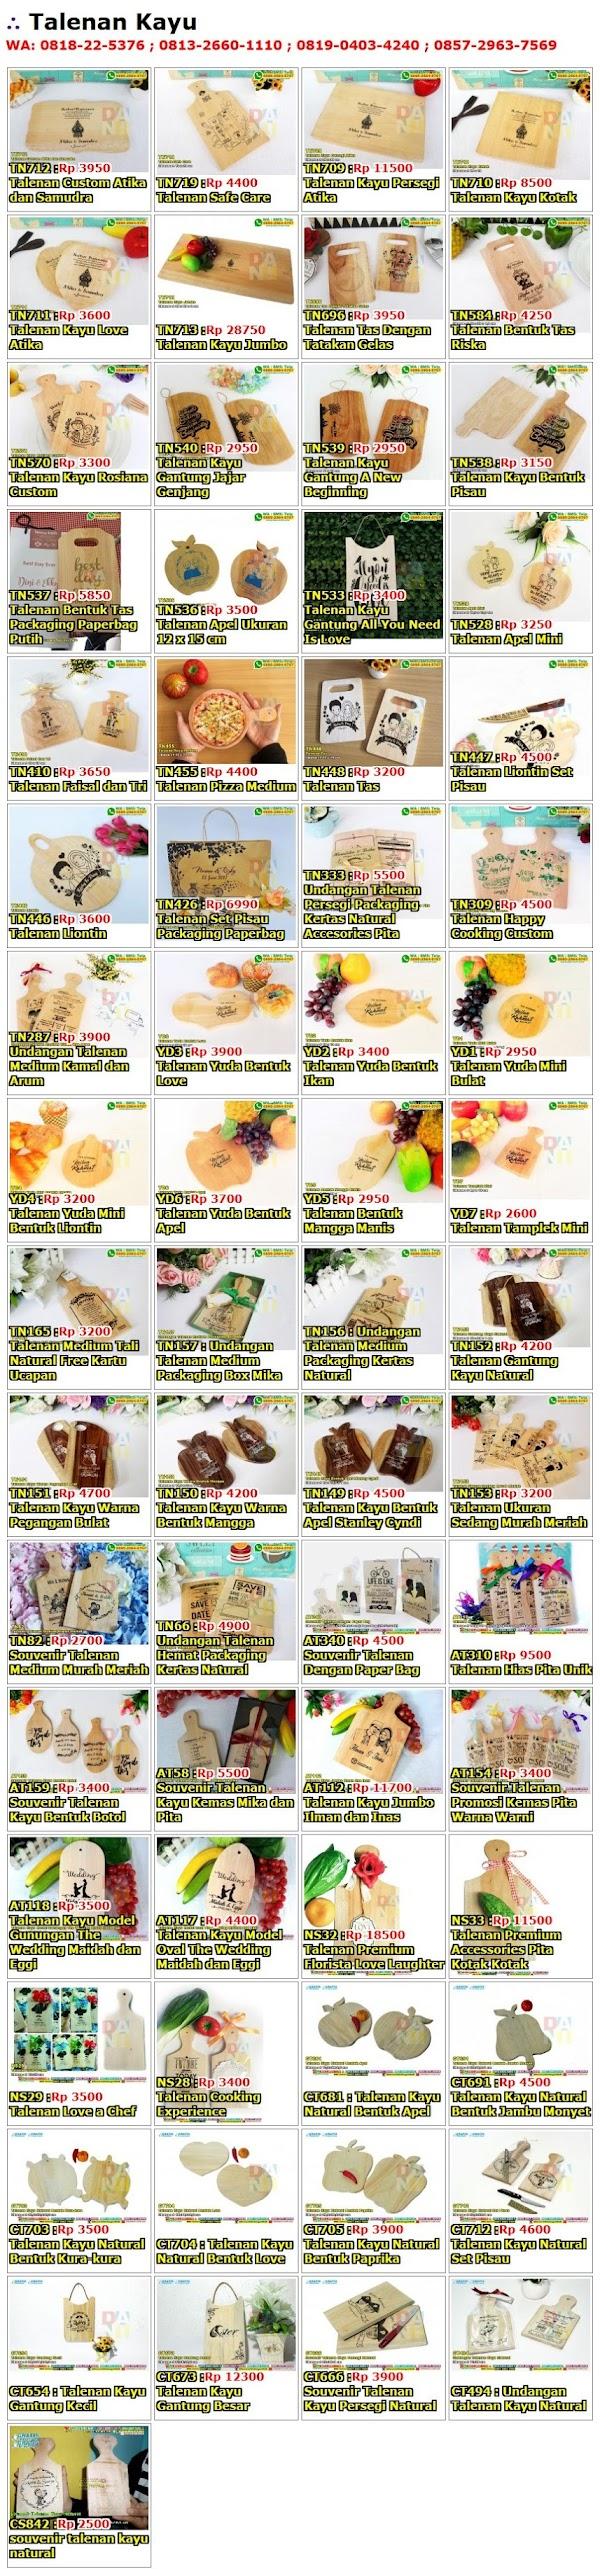 Daftar Harga Souvenir Talenan Kayu